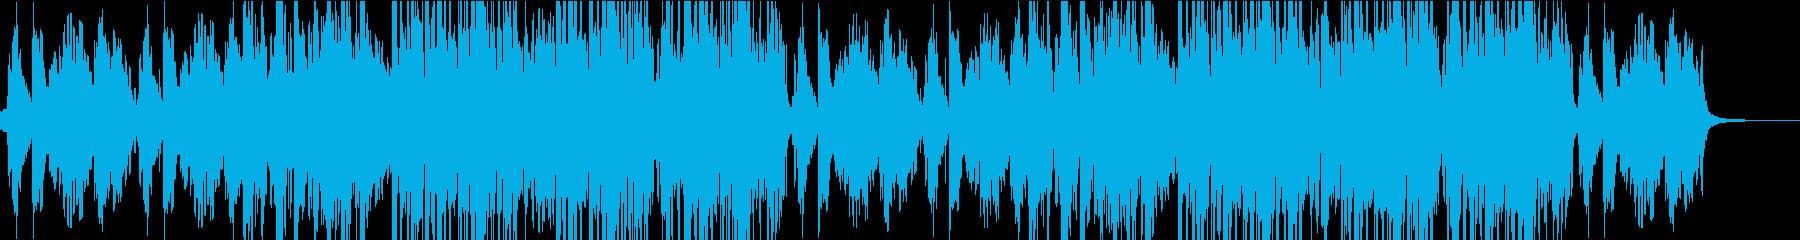 ヴィブラフォンのメロディが楽しいBGMの再生済みの波形